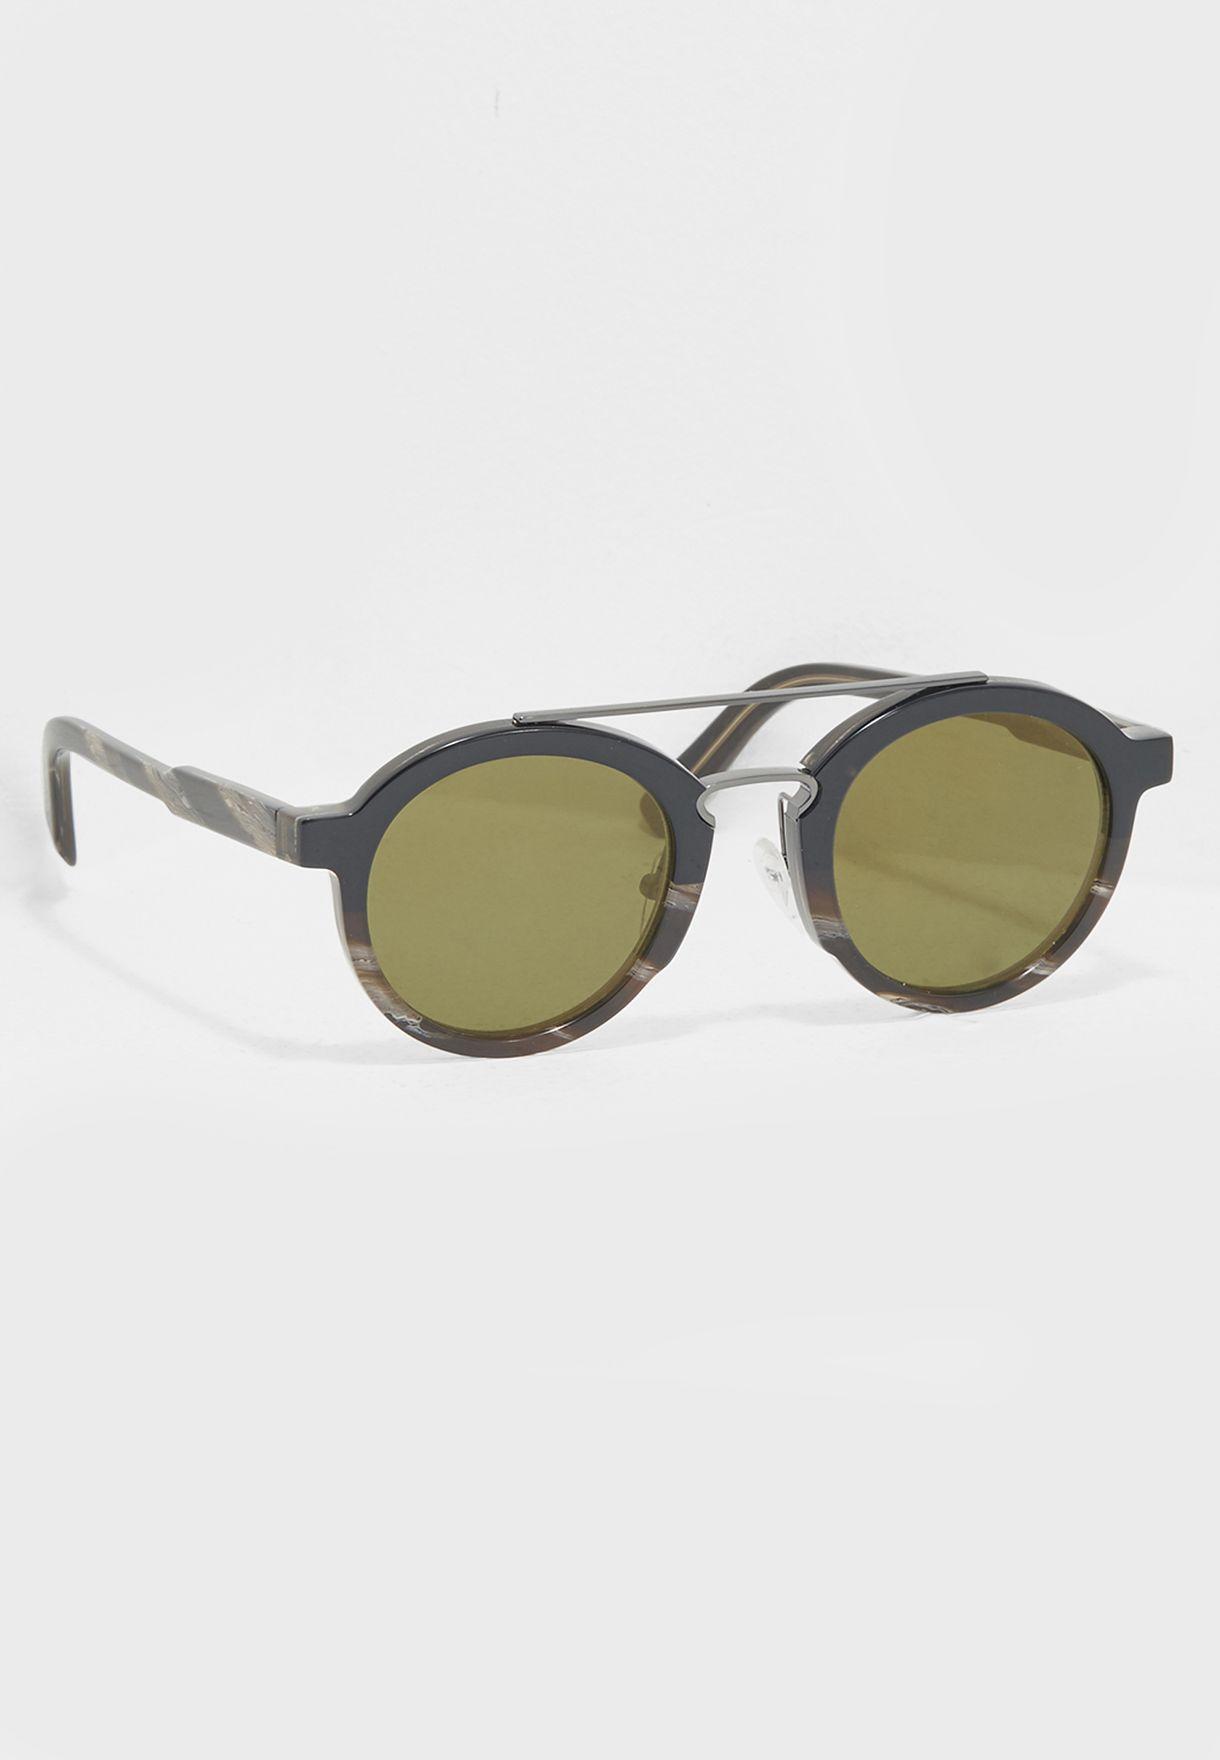 e06095bd51e Shop Salvatore ferragamo multicolor Round Sunglasses SF845S for Men in  Kuwait - SA277AC20LOL